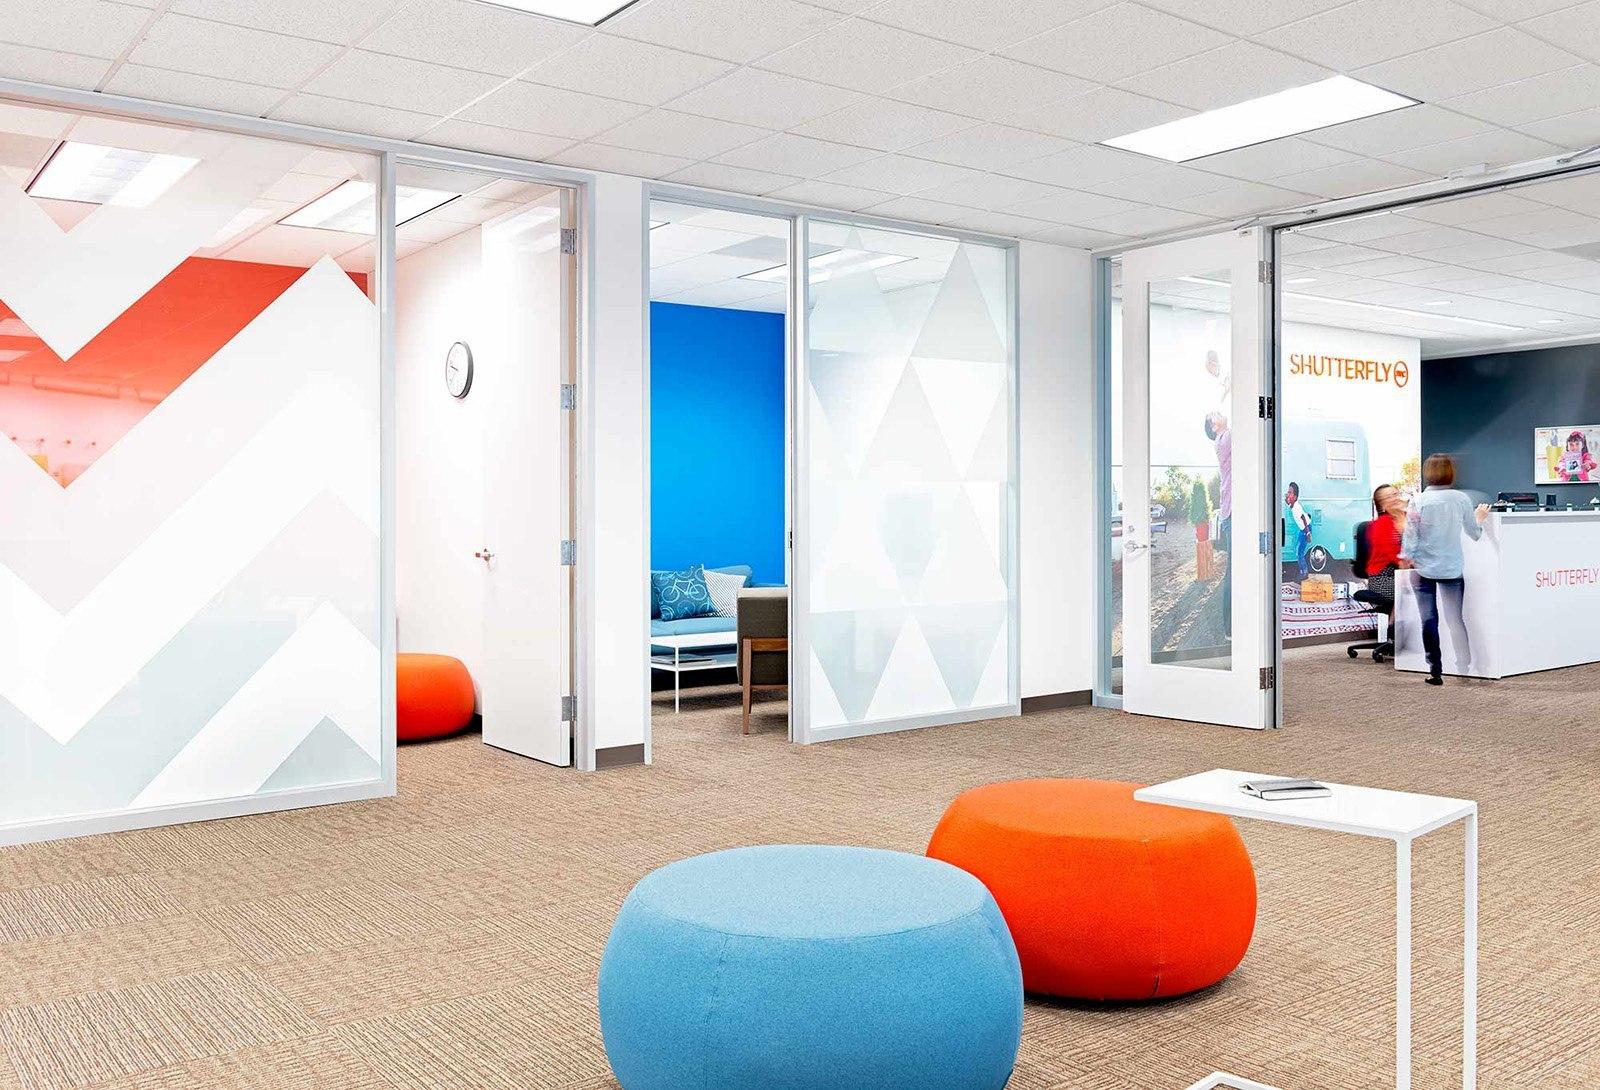 shutterfly-santa-clara-office-2